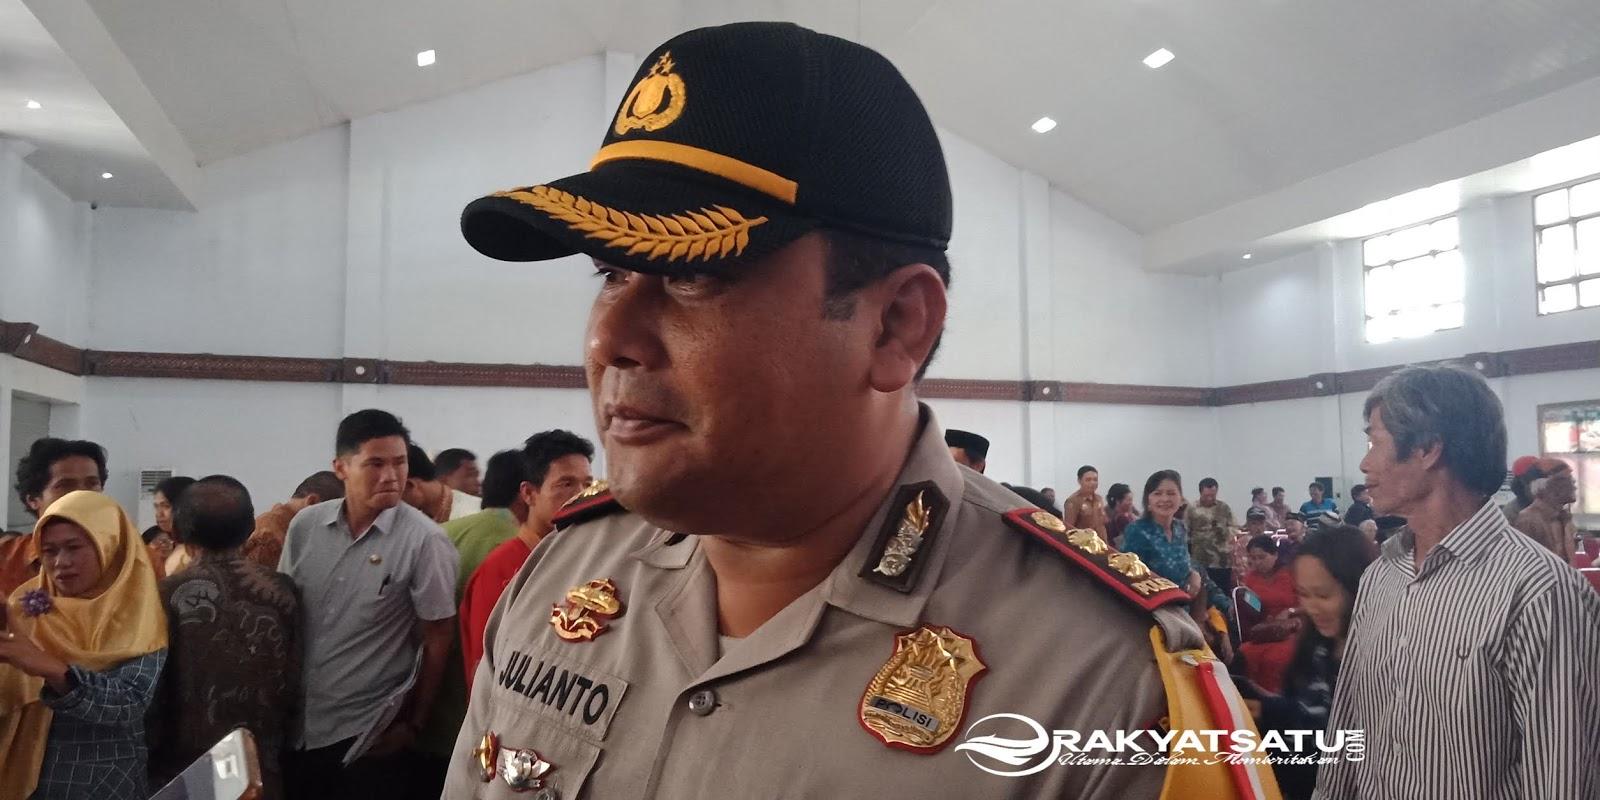 Komitmen Berantas Judi di Toraja, Kapolres: Ada Anggota Saya Terlibat? Laporkan